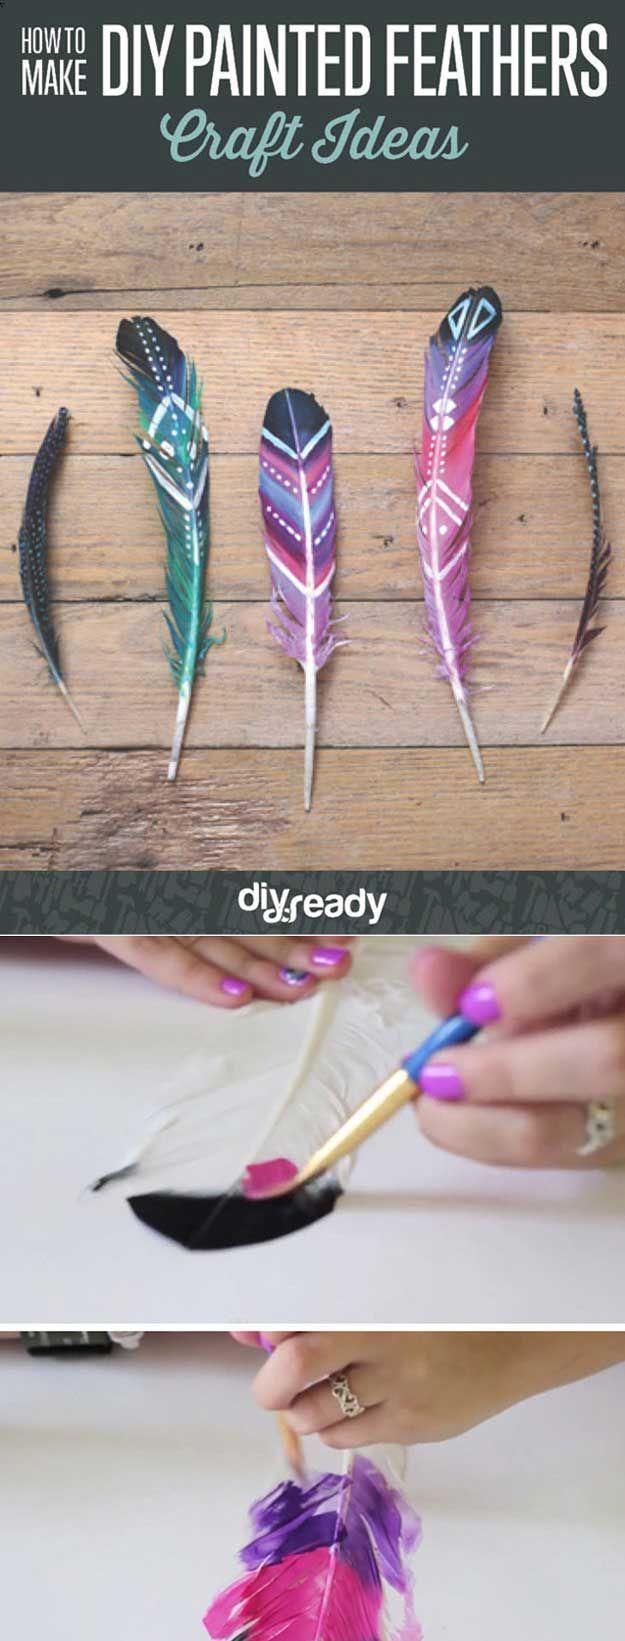 Latest Fashions!  http://ift.tt/1NQmvOd